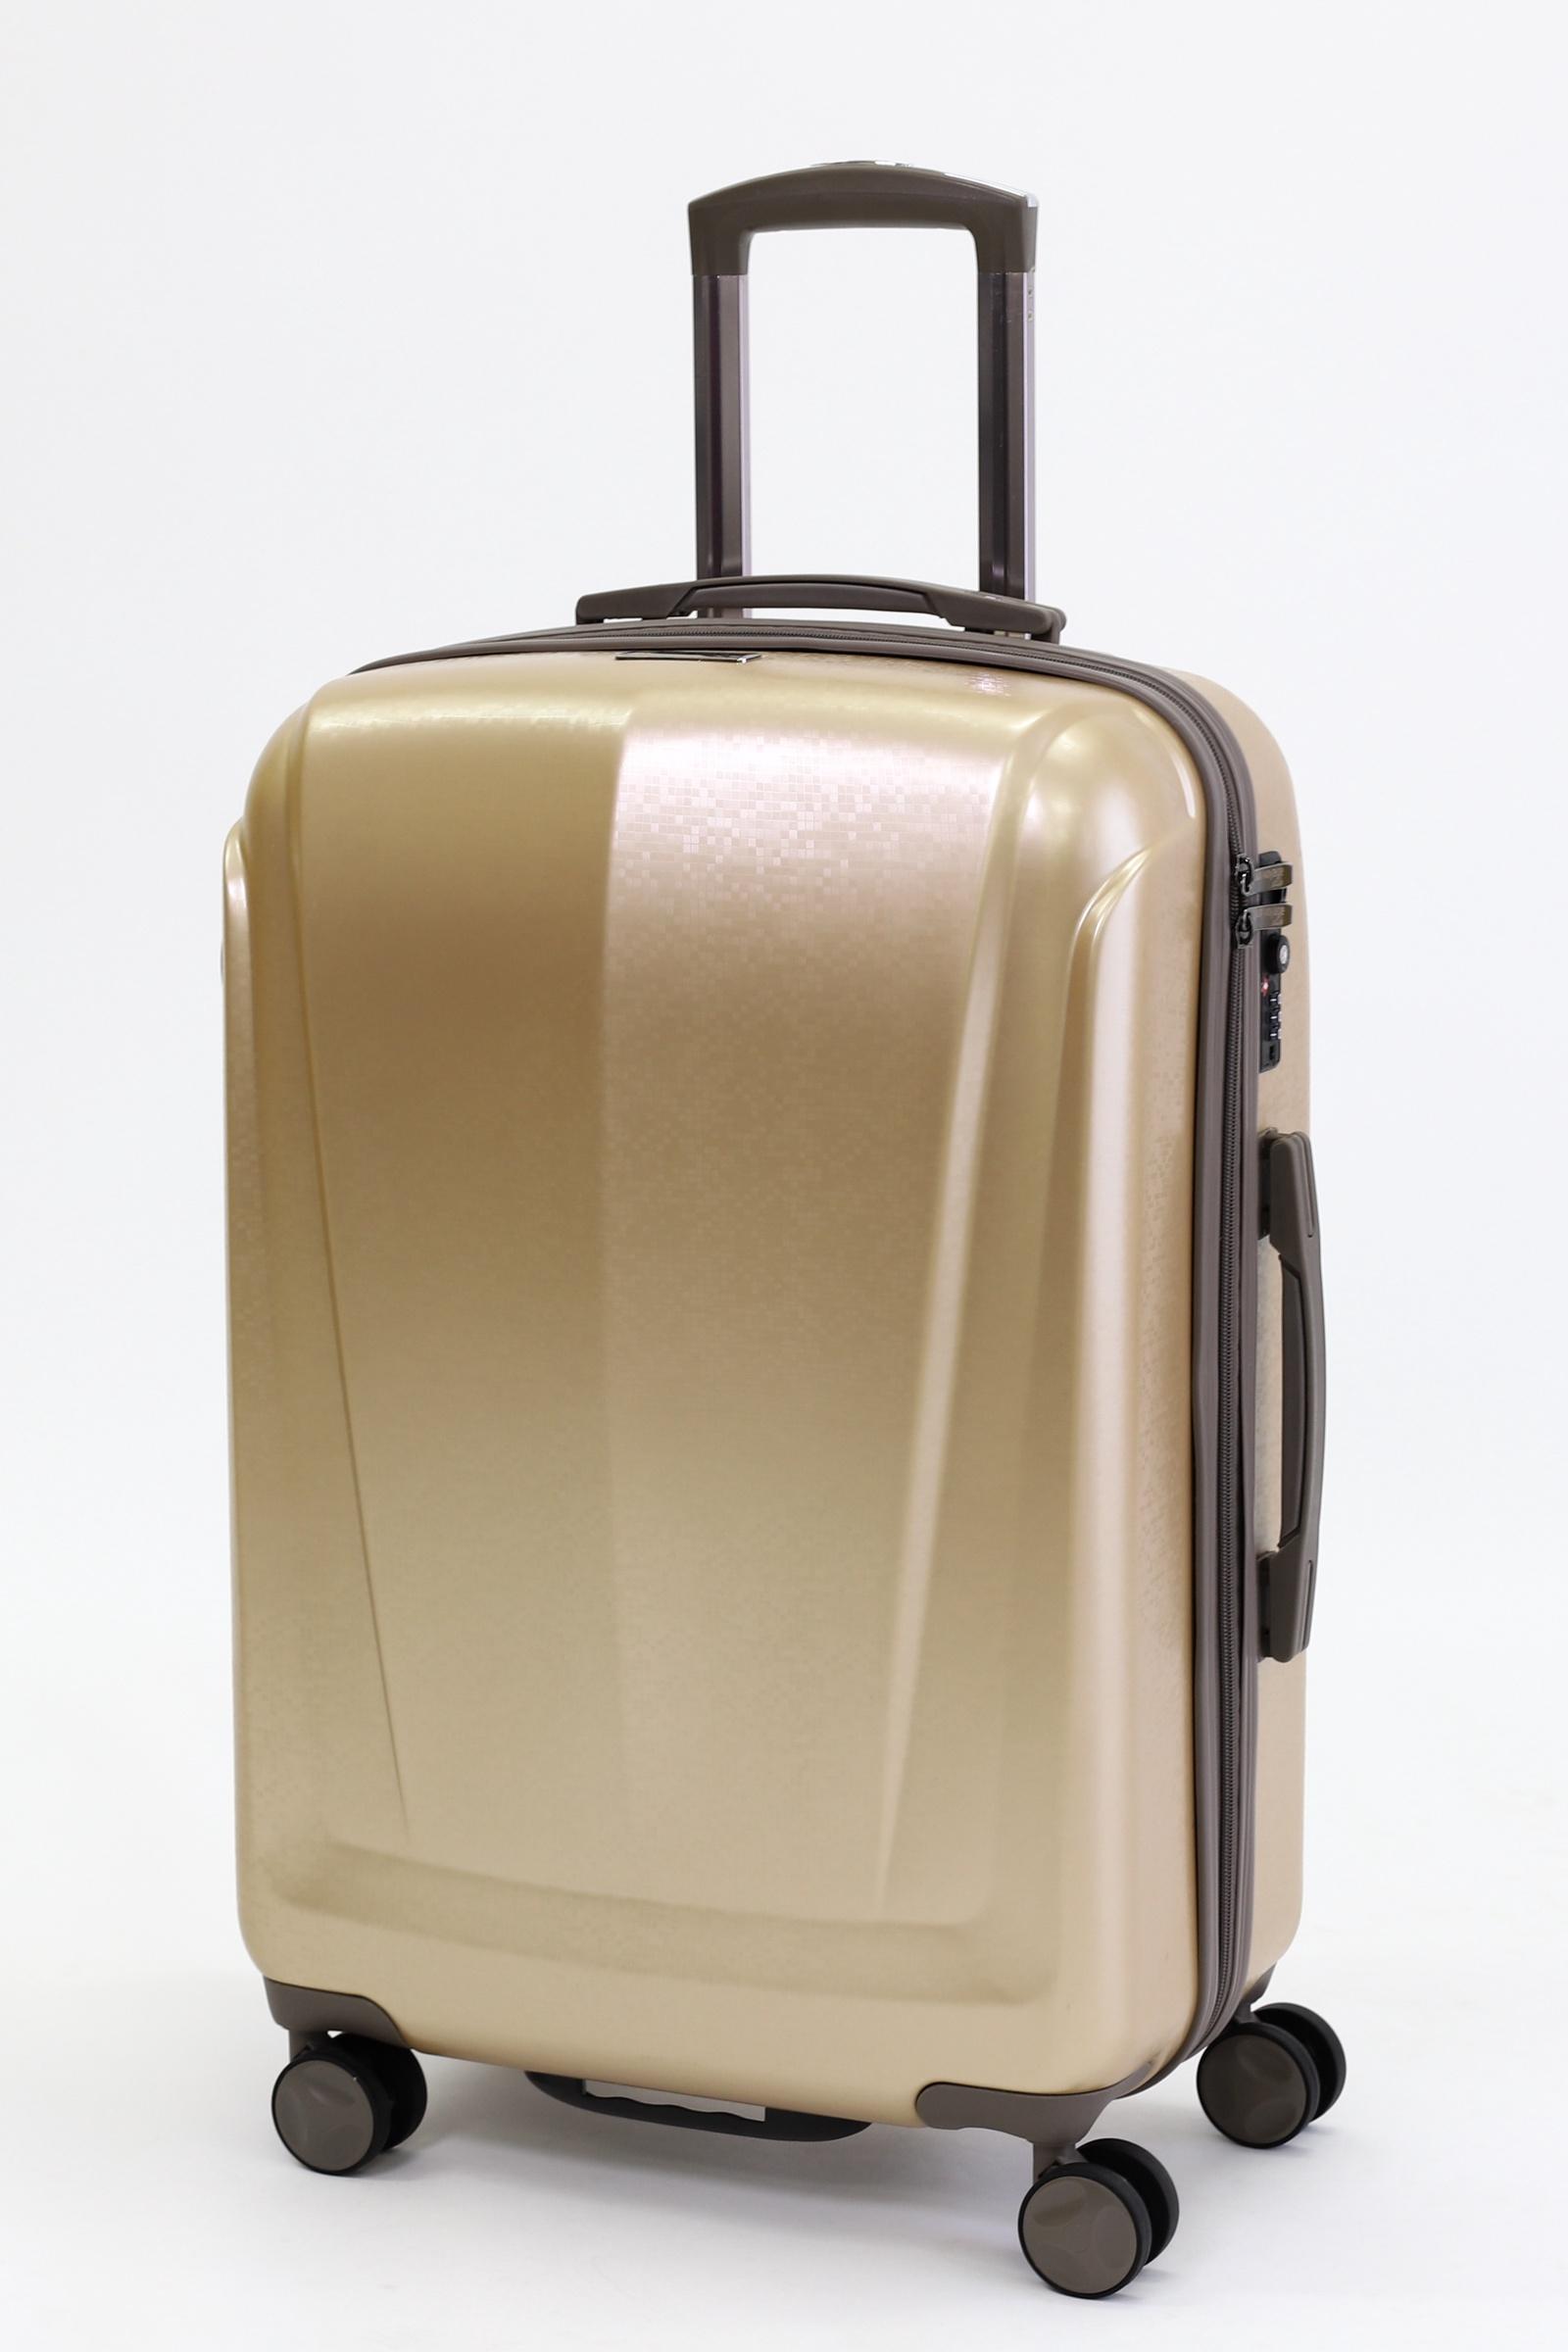 Чемодан Sun Voyage Сияние Шампанское, золотойSV021-AC131-24Чемодан пластиковый Sun Voyage на 4-х колесах. Модель изготовлена из прочного пластика с нанесением пленки из поликарбоната. Телескопическая ручка фиксируется в нескольких положениях. Система двойных колес, вращающихся на 360°, равномерно распределяет нагрузку и позволяет легко катить чемодан по любой твердой поверхности. Колеса изготовлены из прорезиненного материала и поэтому абсолютно бесшумны и надежны. Встроенный в корпус замок сохранит вещи в безопасности. Чемодан имеет вместительное отделение с прижимными ремнями, перегородкой на молнии и карманом для мелочей.